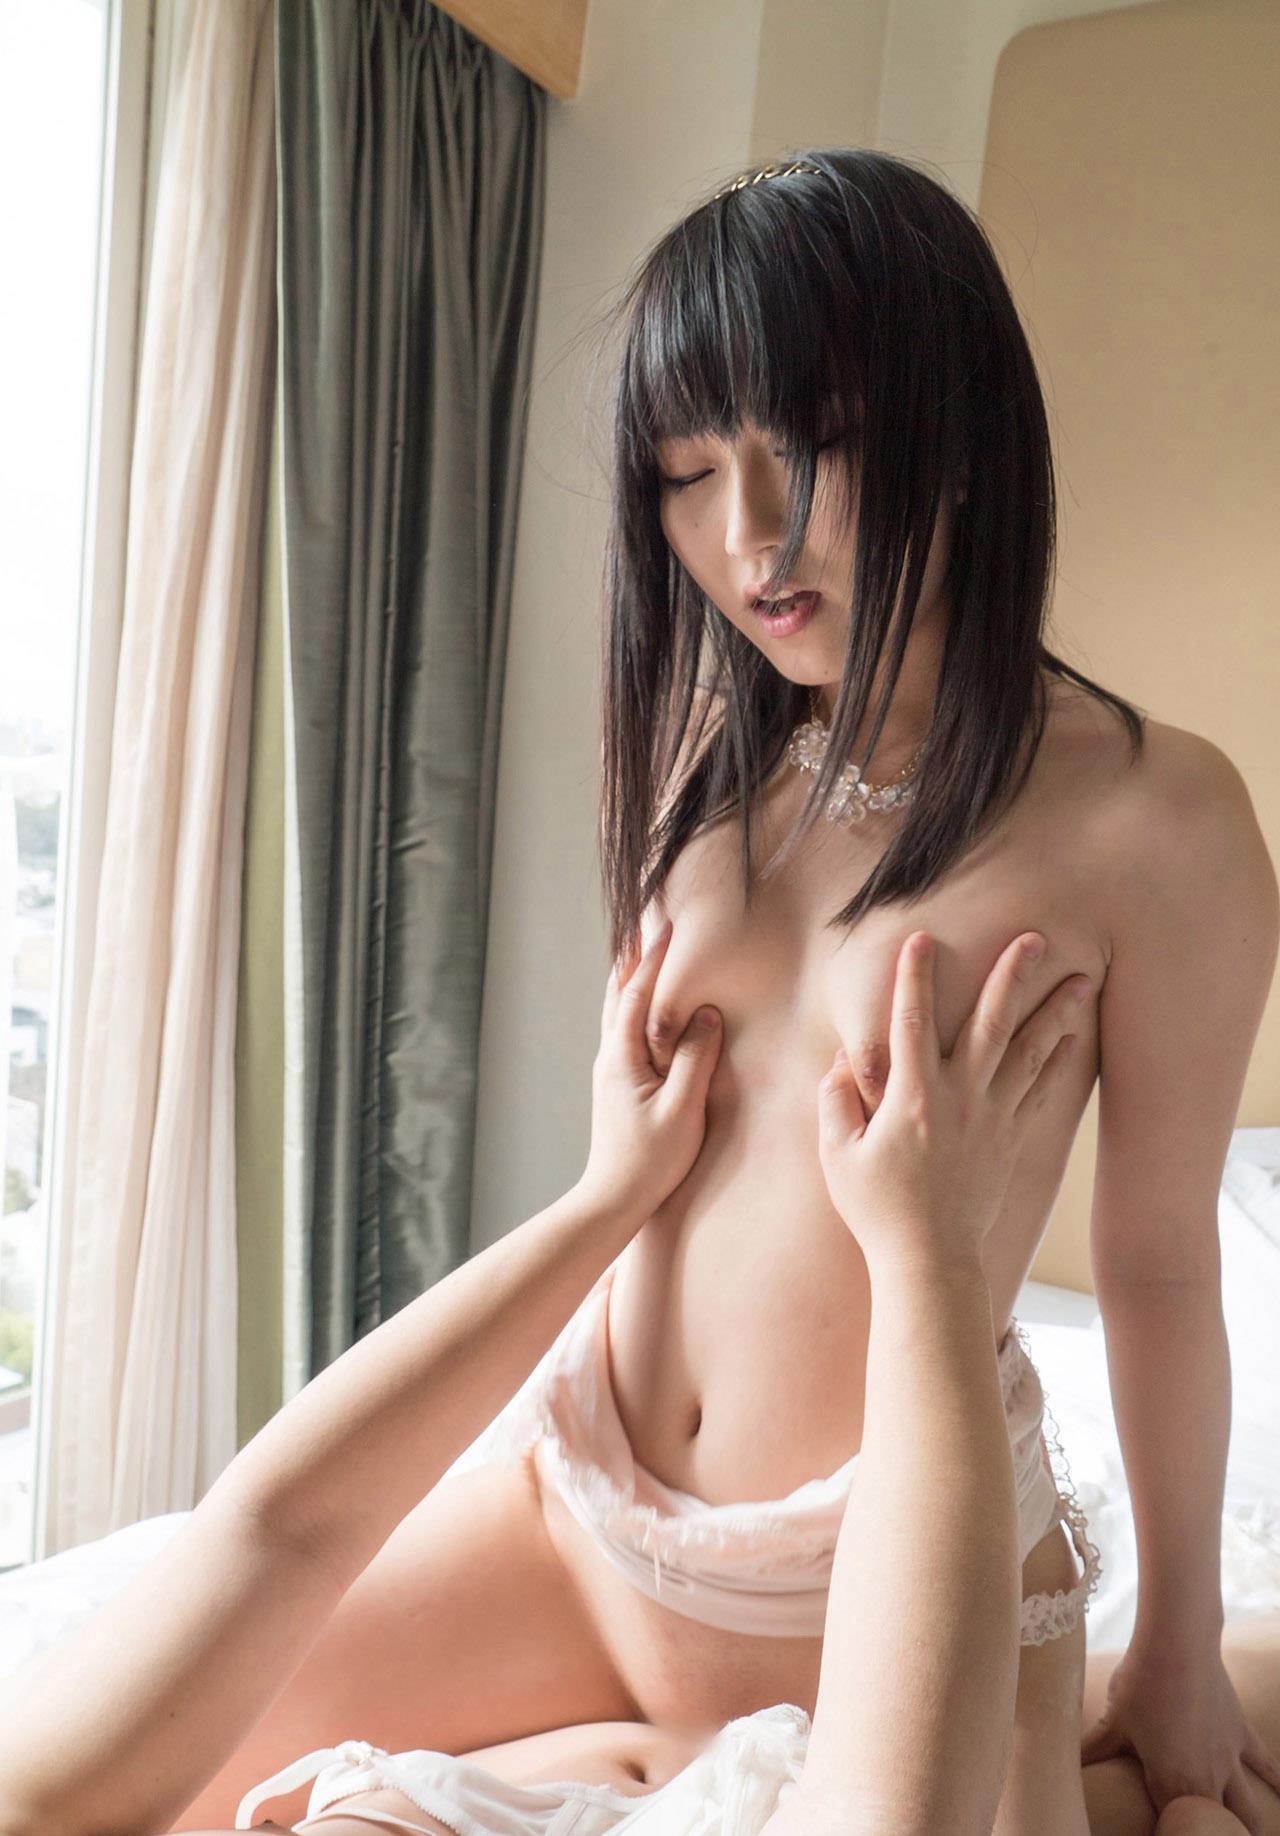 若月まりあ(星まりあ) セックス画像 115